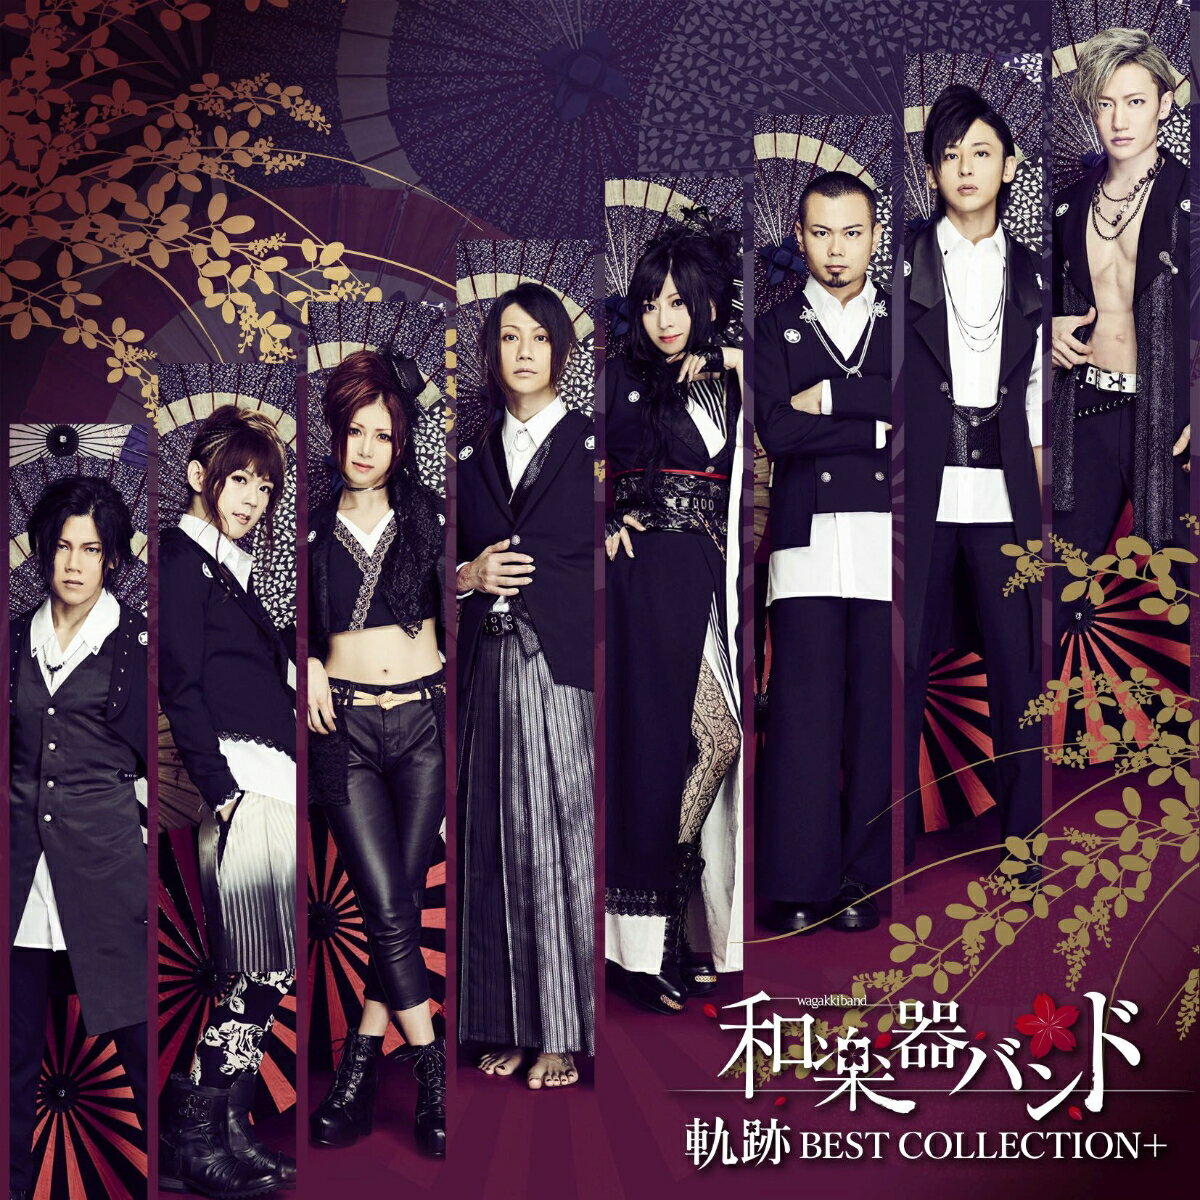 軌跡 BEST COLLECTION+ (LIVE盤 CD+2DVD+スマプラ) [ 和楽器バンド ]